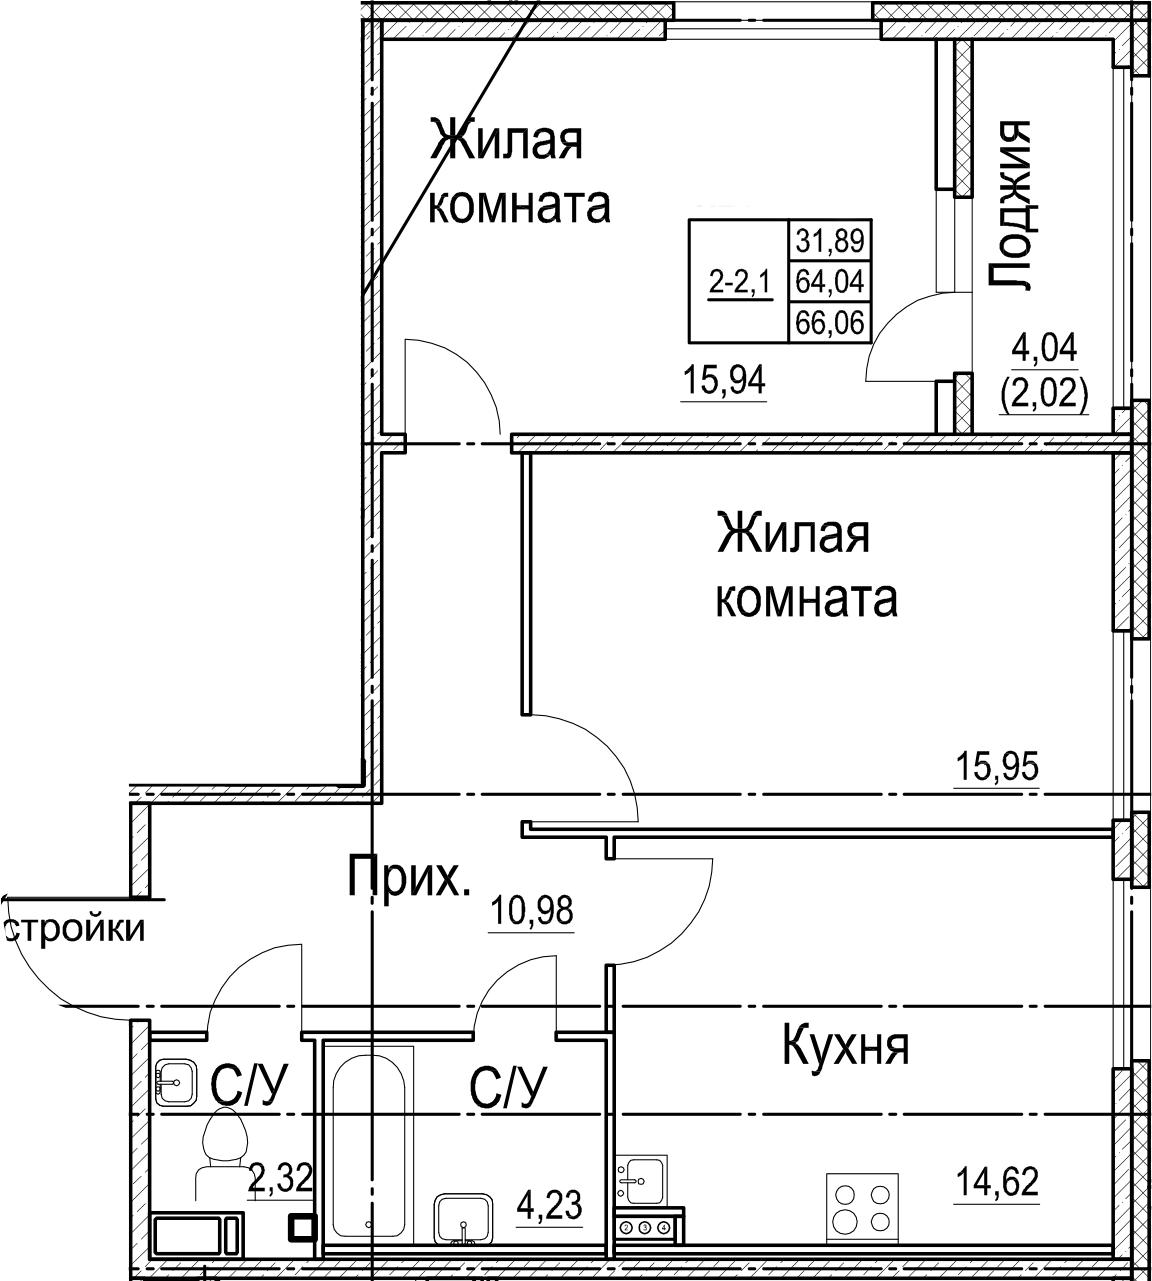 2-комнатная, 66.06 м²– 2